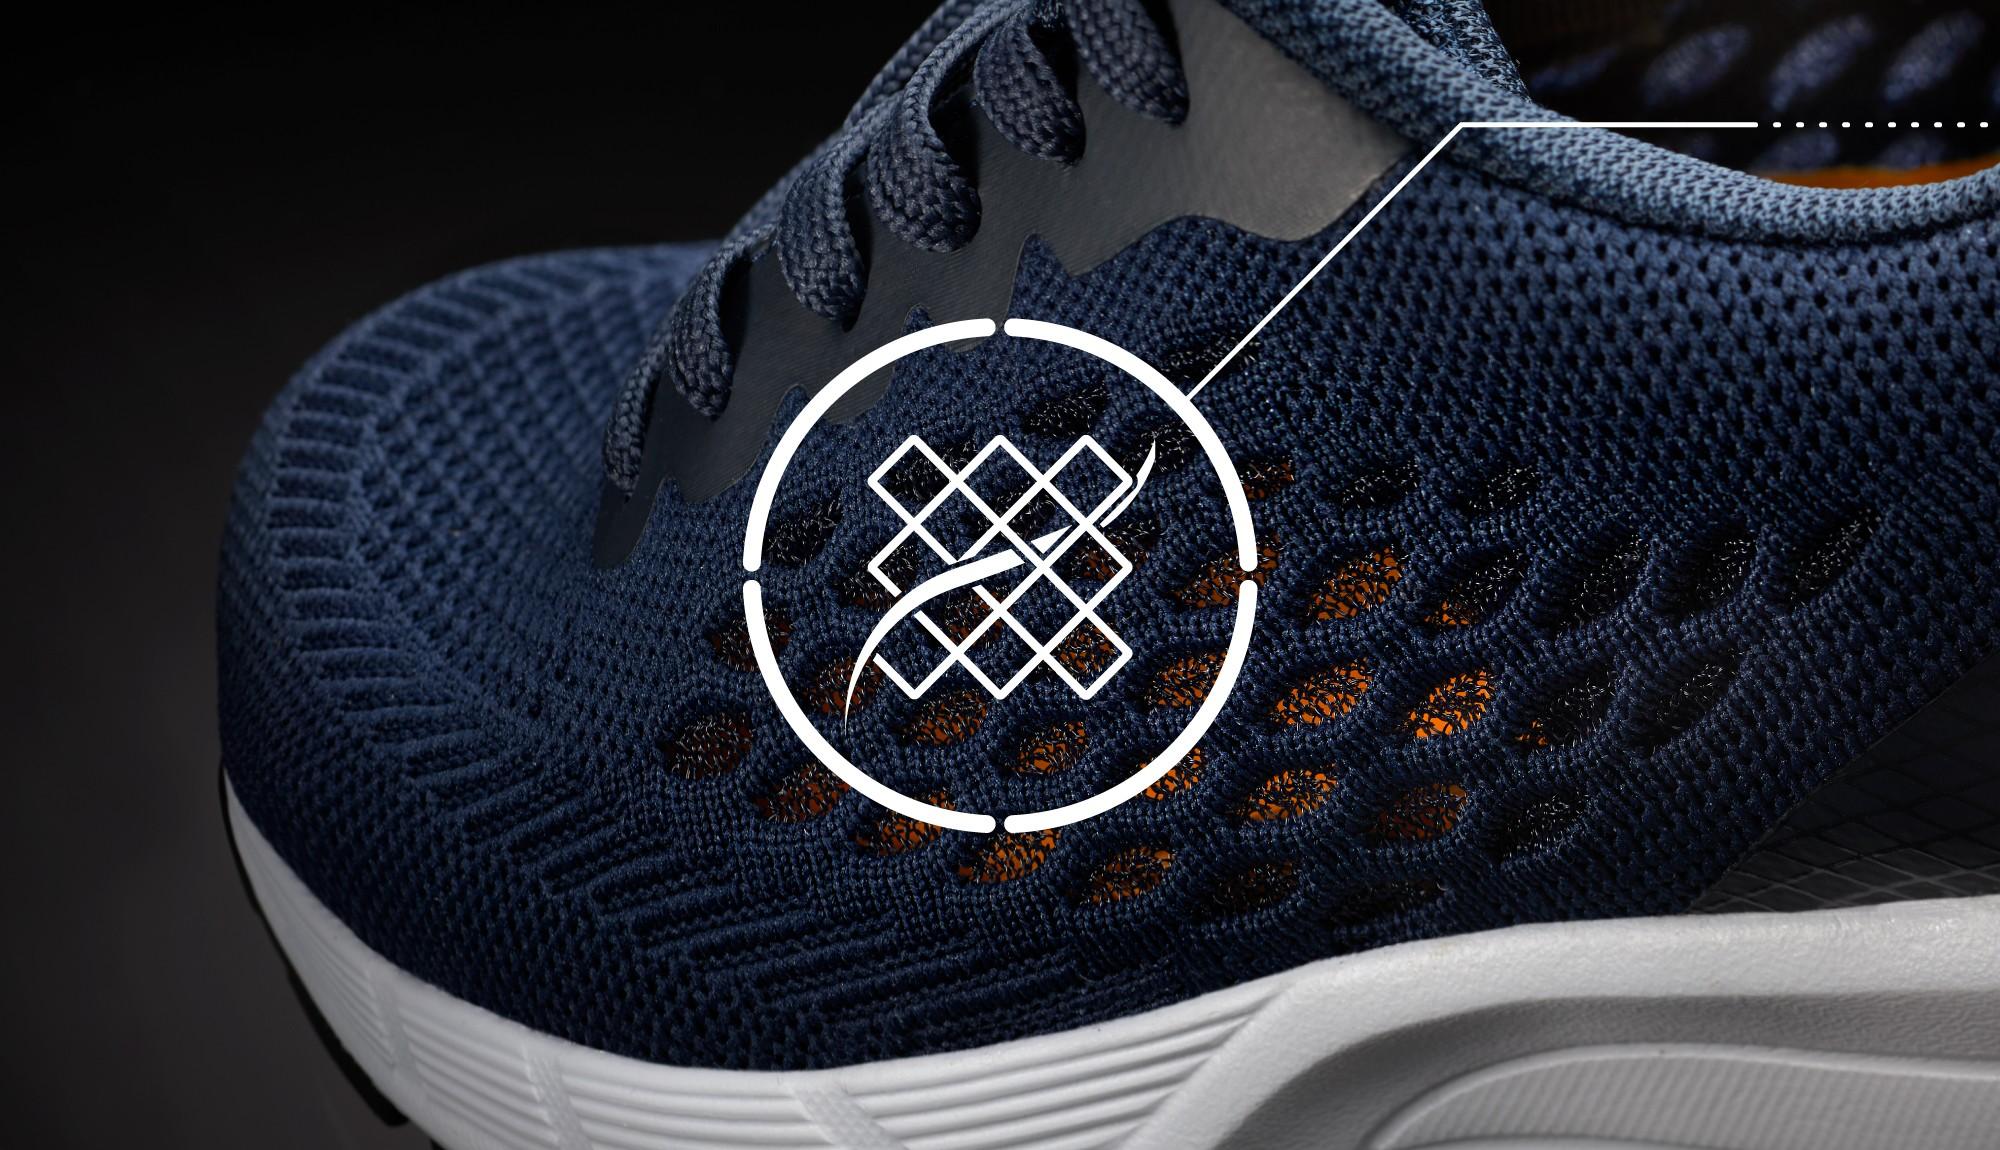 Navy blue Work sneakers